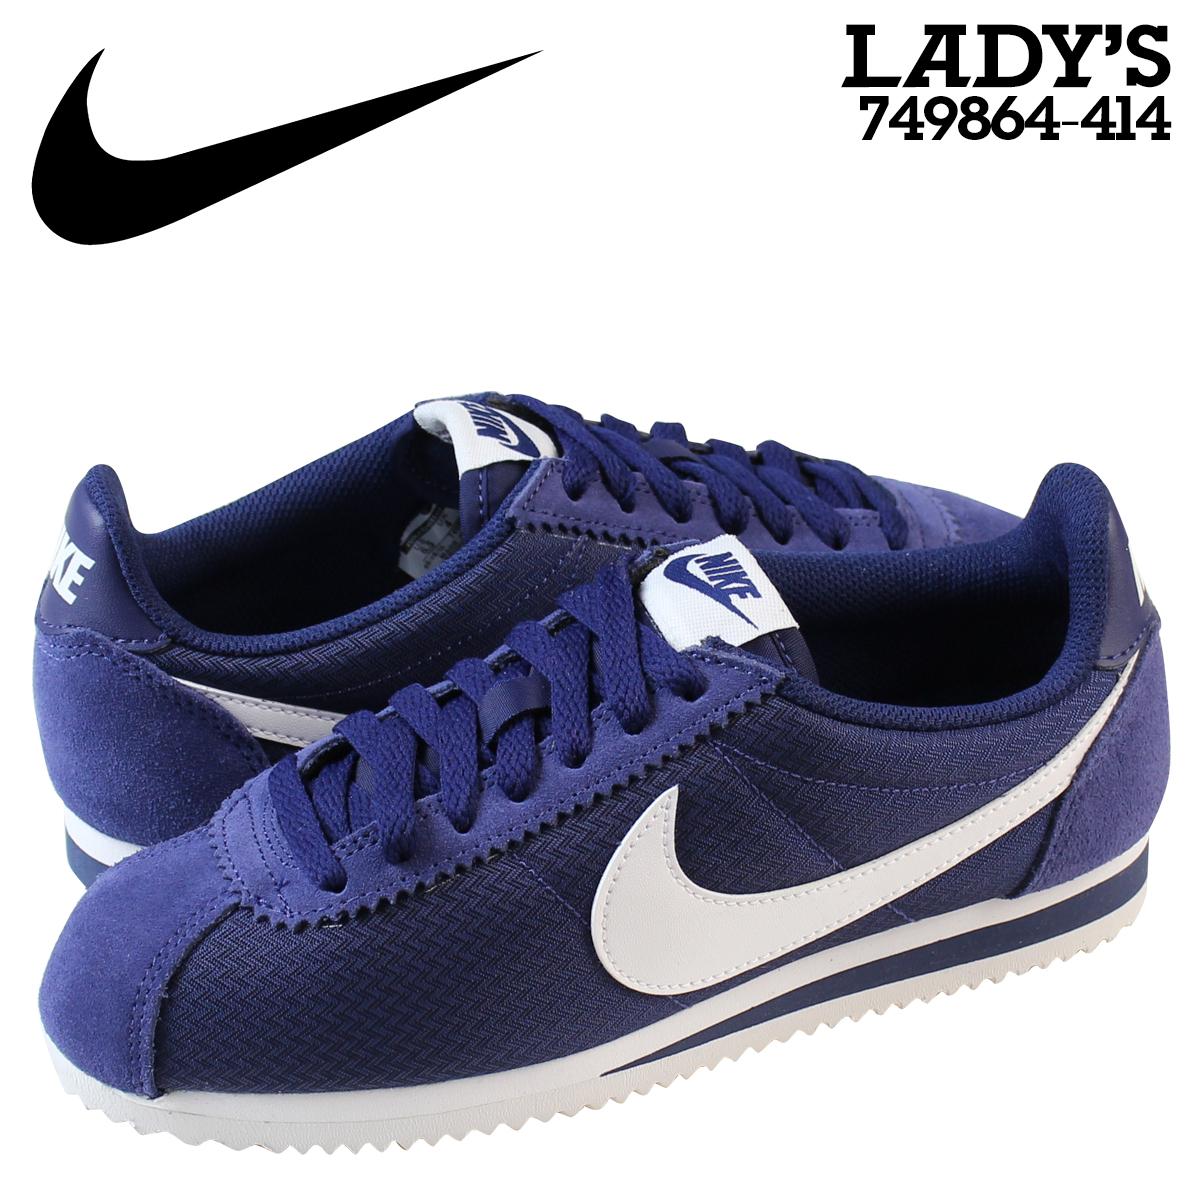 Nike Womens Cortez Shoes saiz.co.uk 223b08b8d